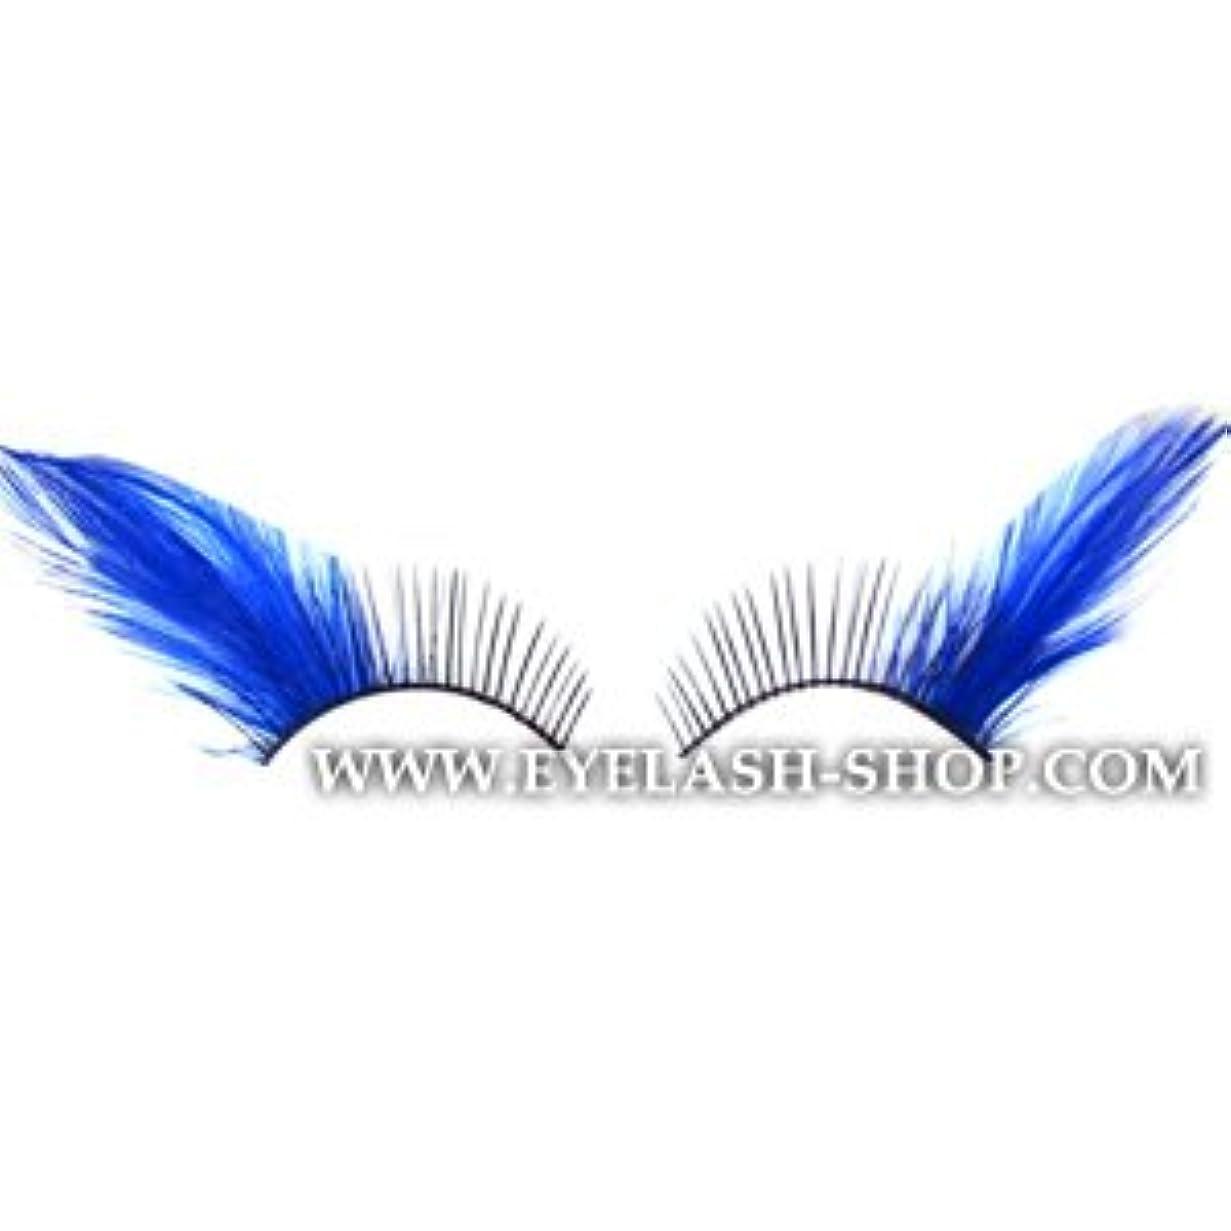 狂乱フィルタ穿孔するつけまつげ セット 羽 ナチュラル つけま 部分 まつげ 羽まつげ 羽根つけま カラー デザイン フェザー 激安 アイラッシュETY-421 (ETY-421BE)